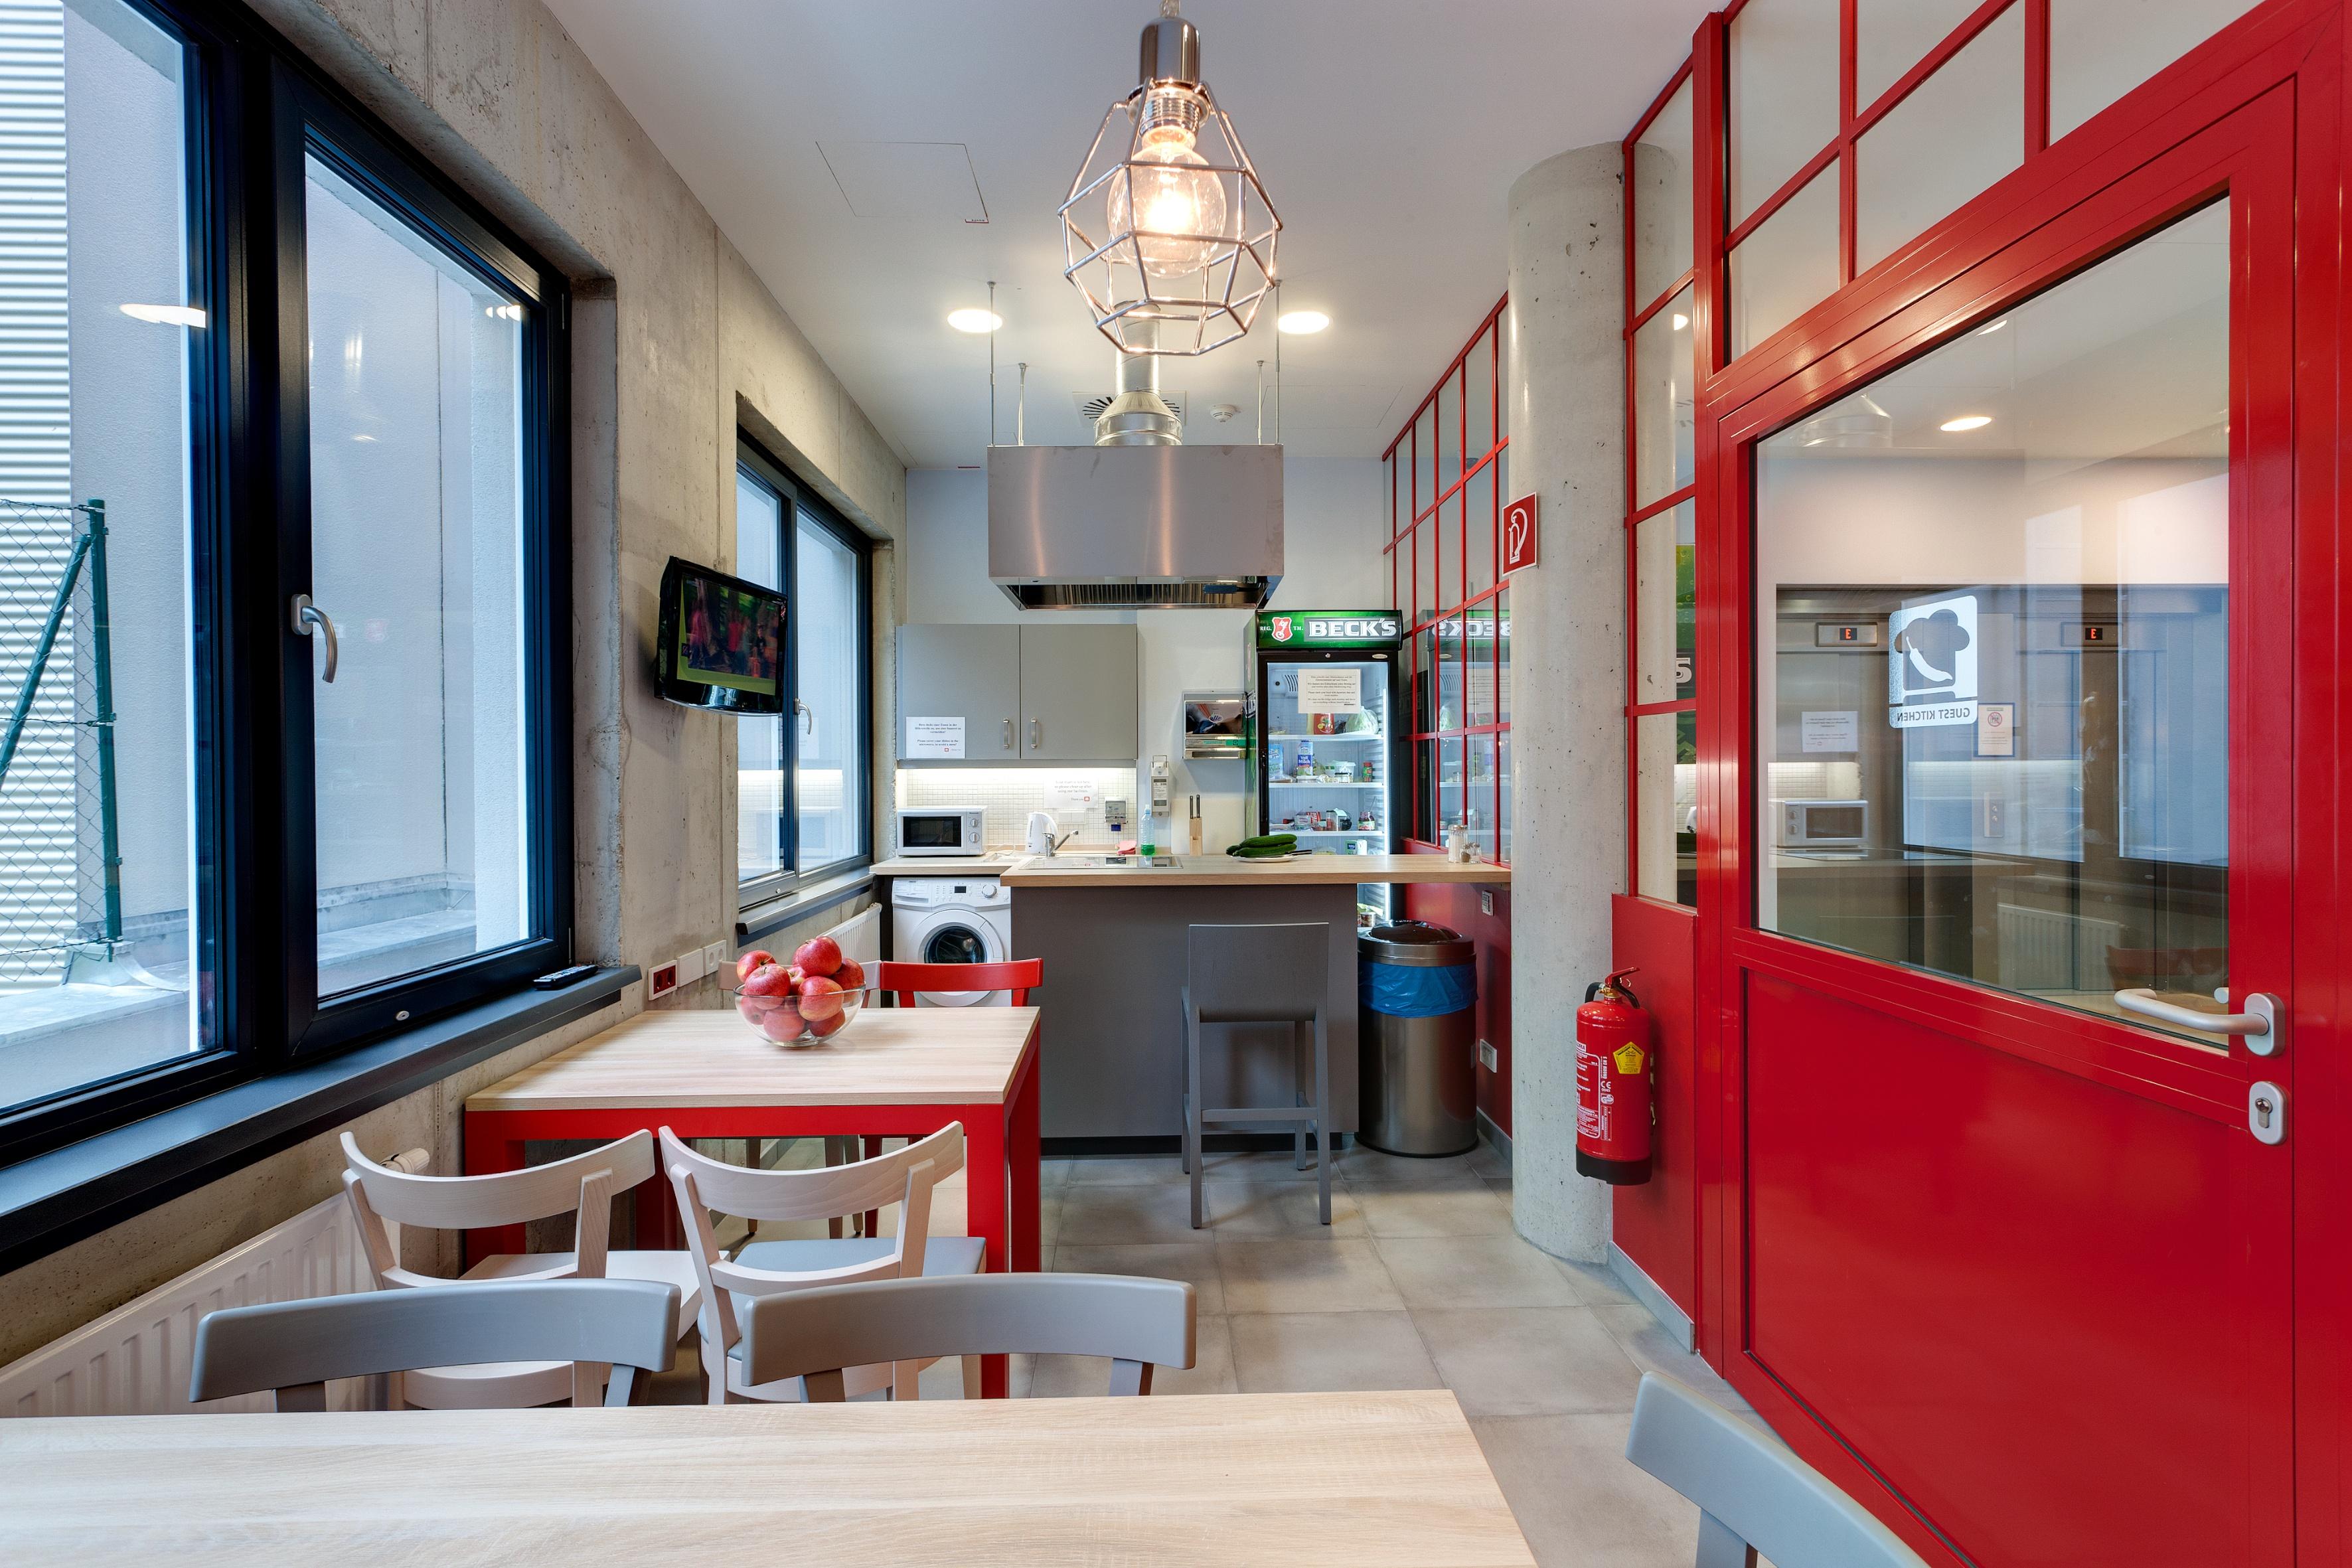 MEININGER Hotel Vienna Downtown Franz - Guest kitchen